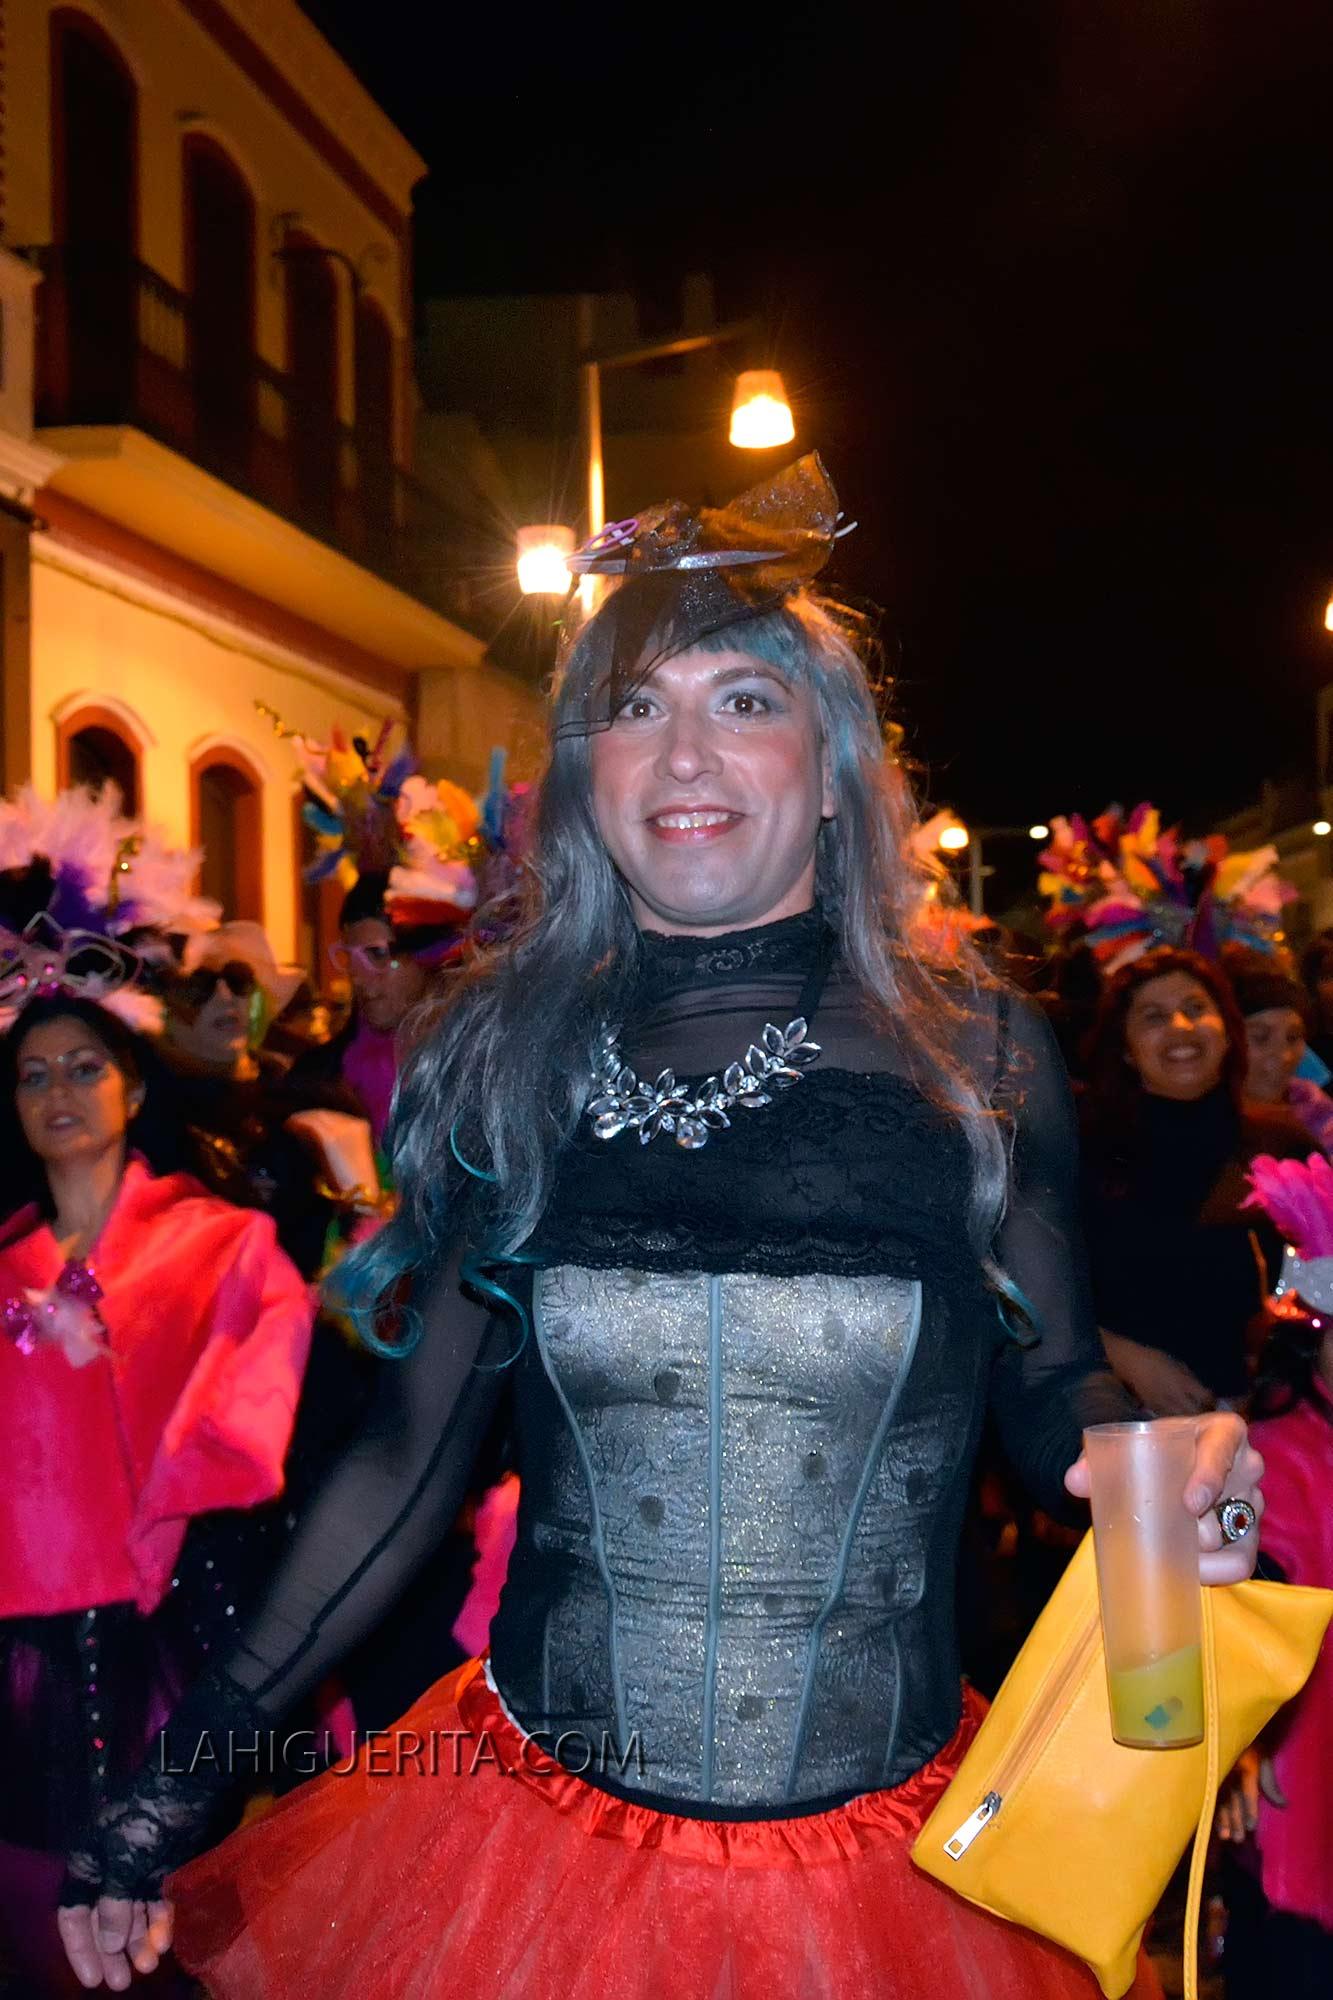 Entierro de la sardina carnaval isla cristina _DSC2112